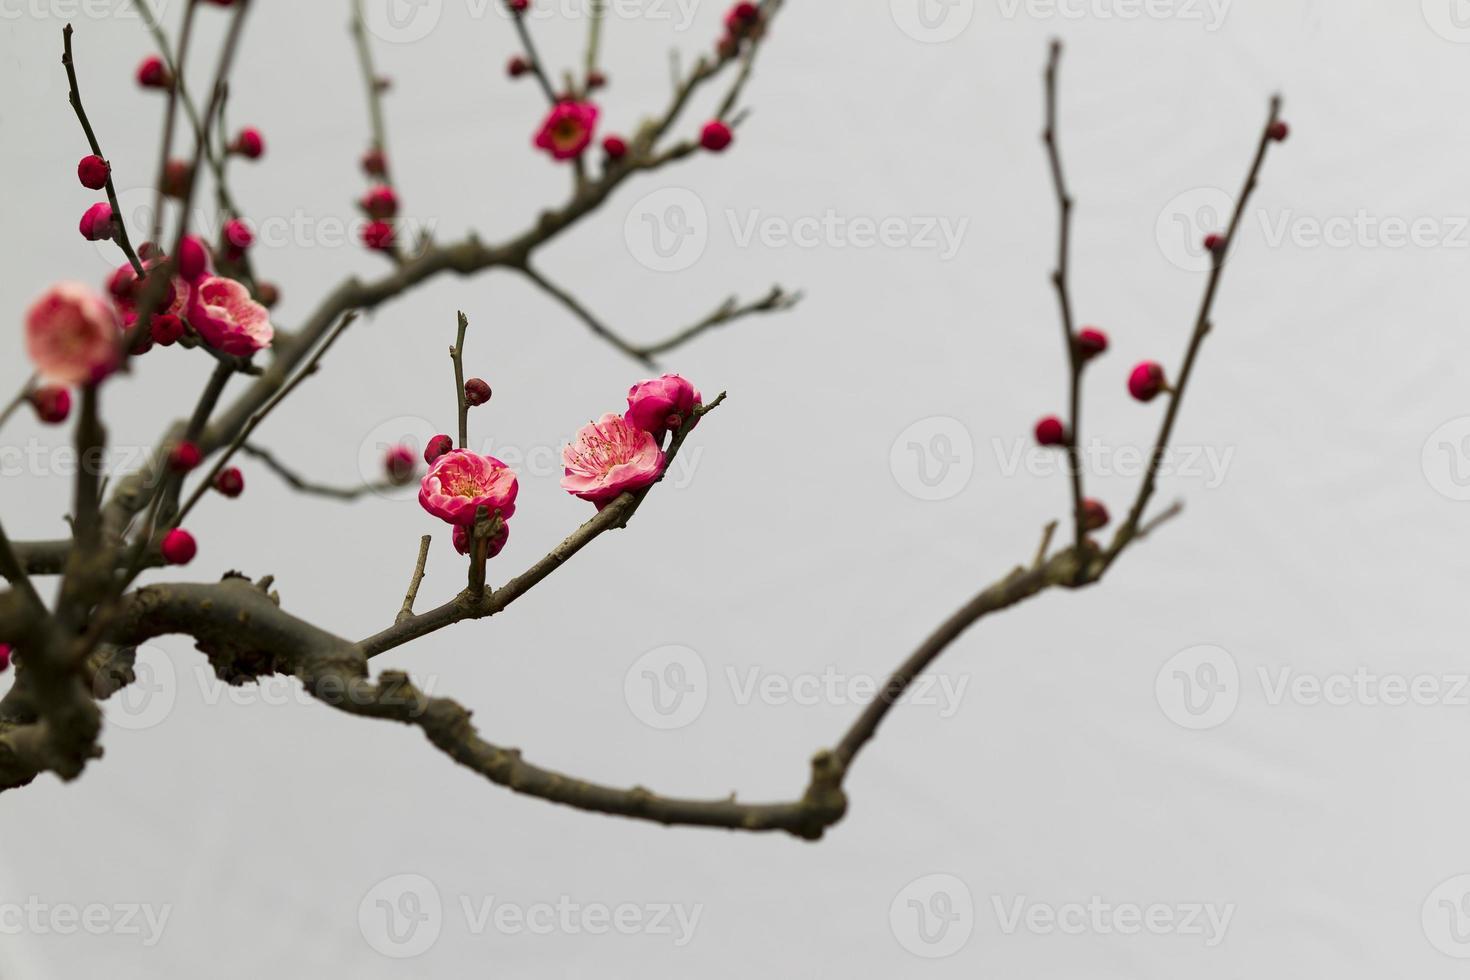 flor de ciruelo, 梅花 出 墙 foto